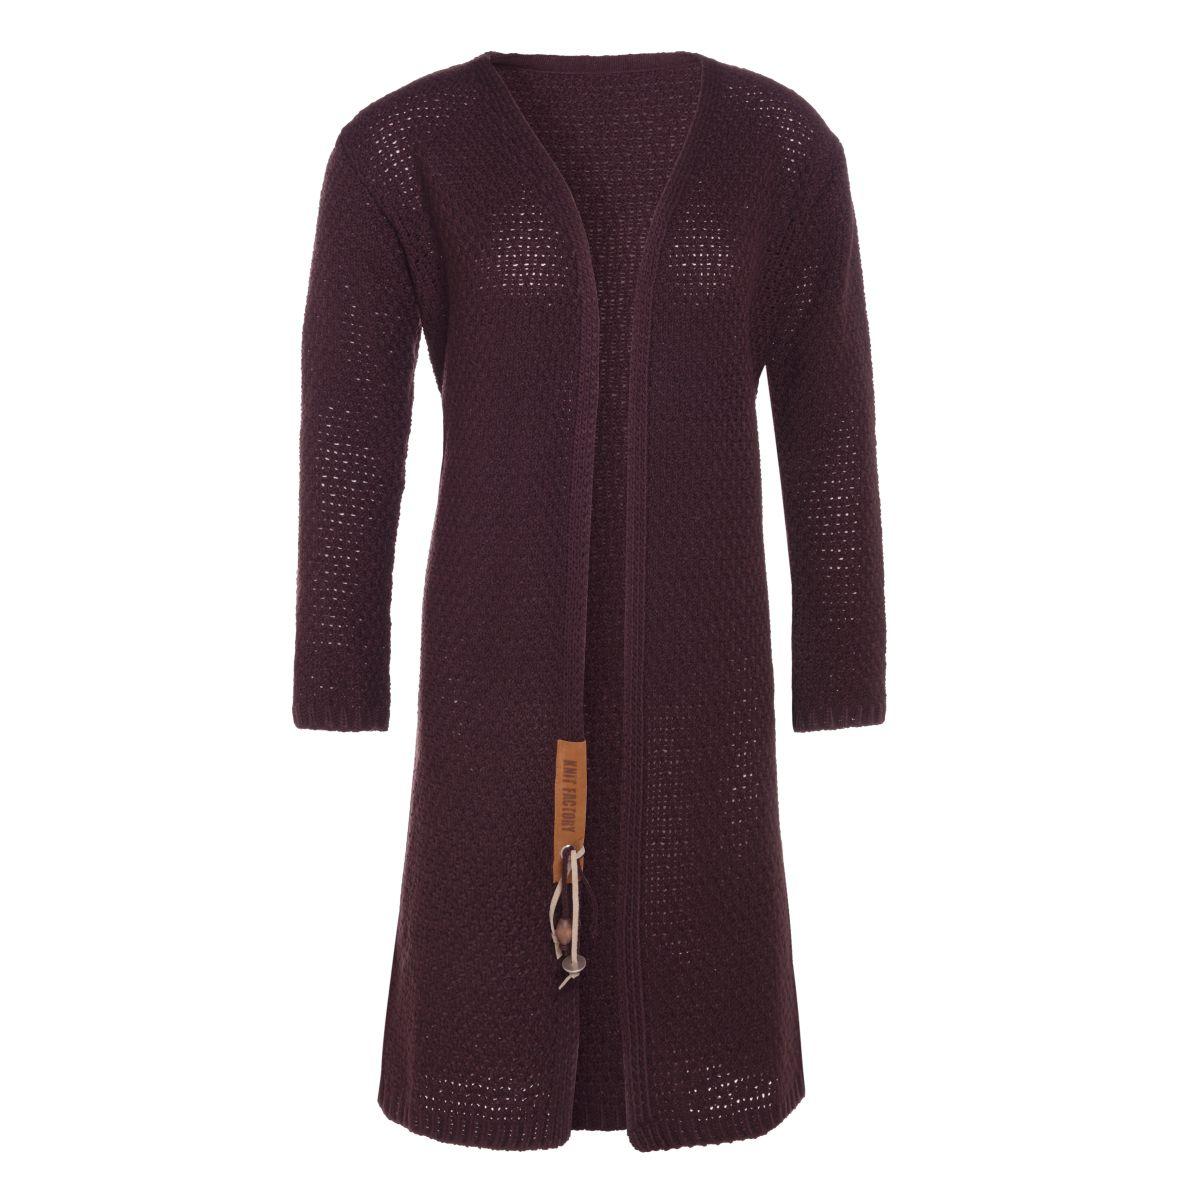 knit factory kf13308202351 luna lang vest aubergine 4042 1